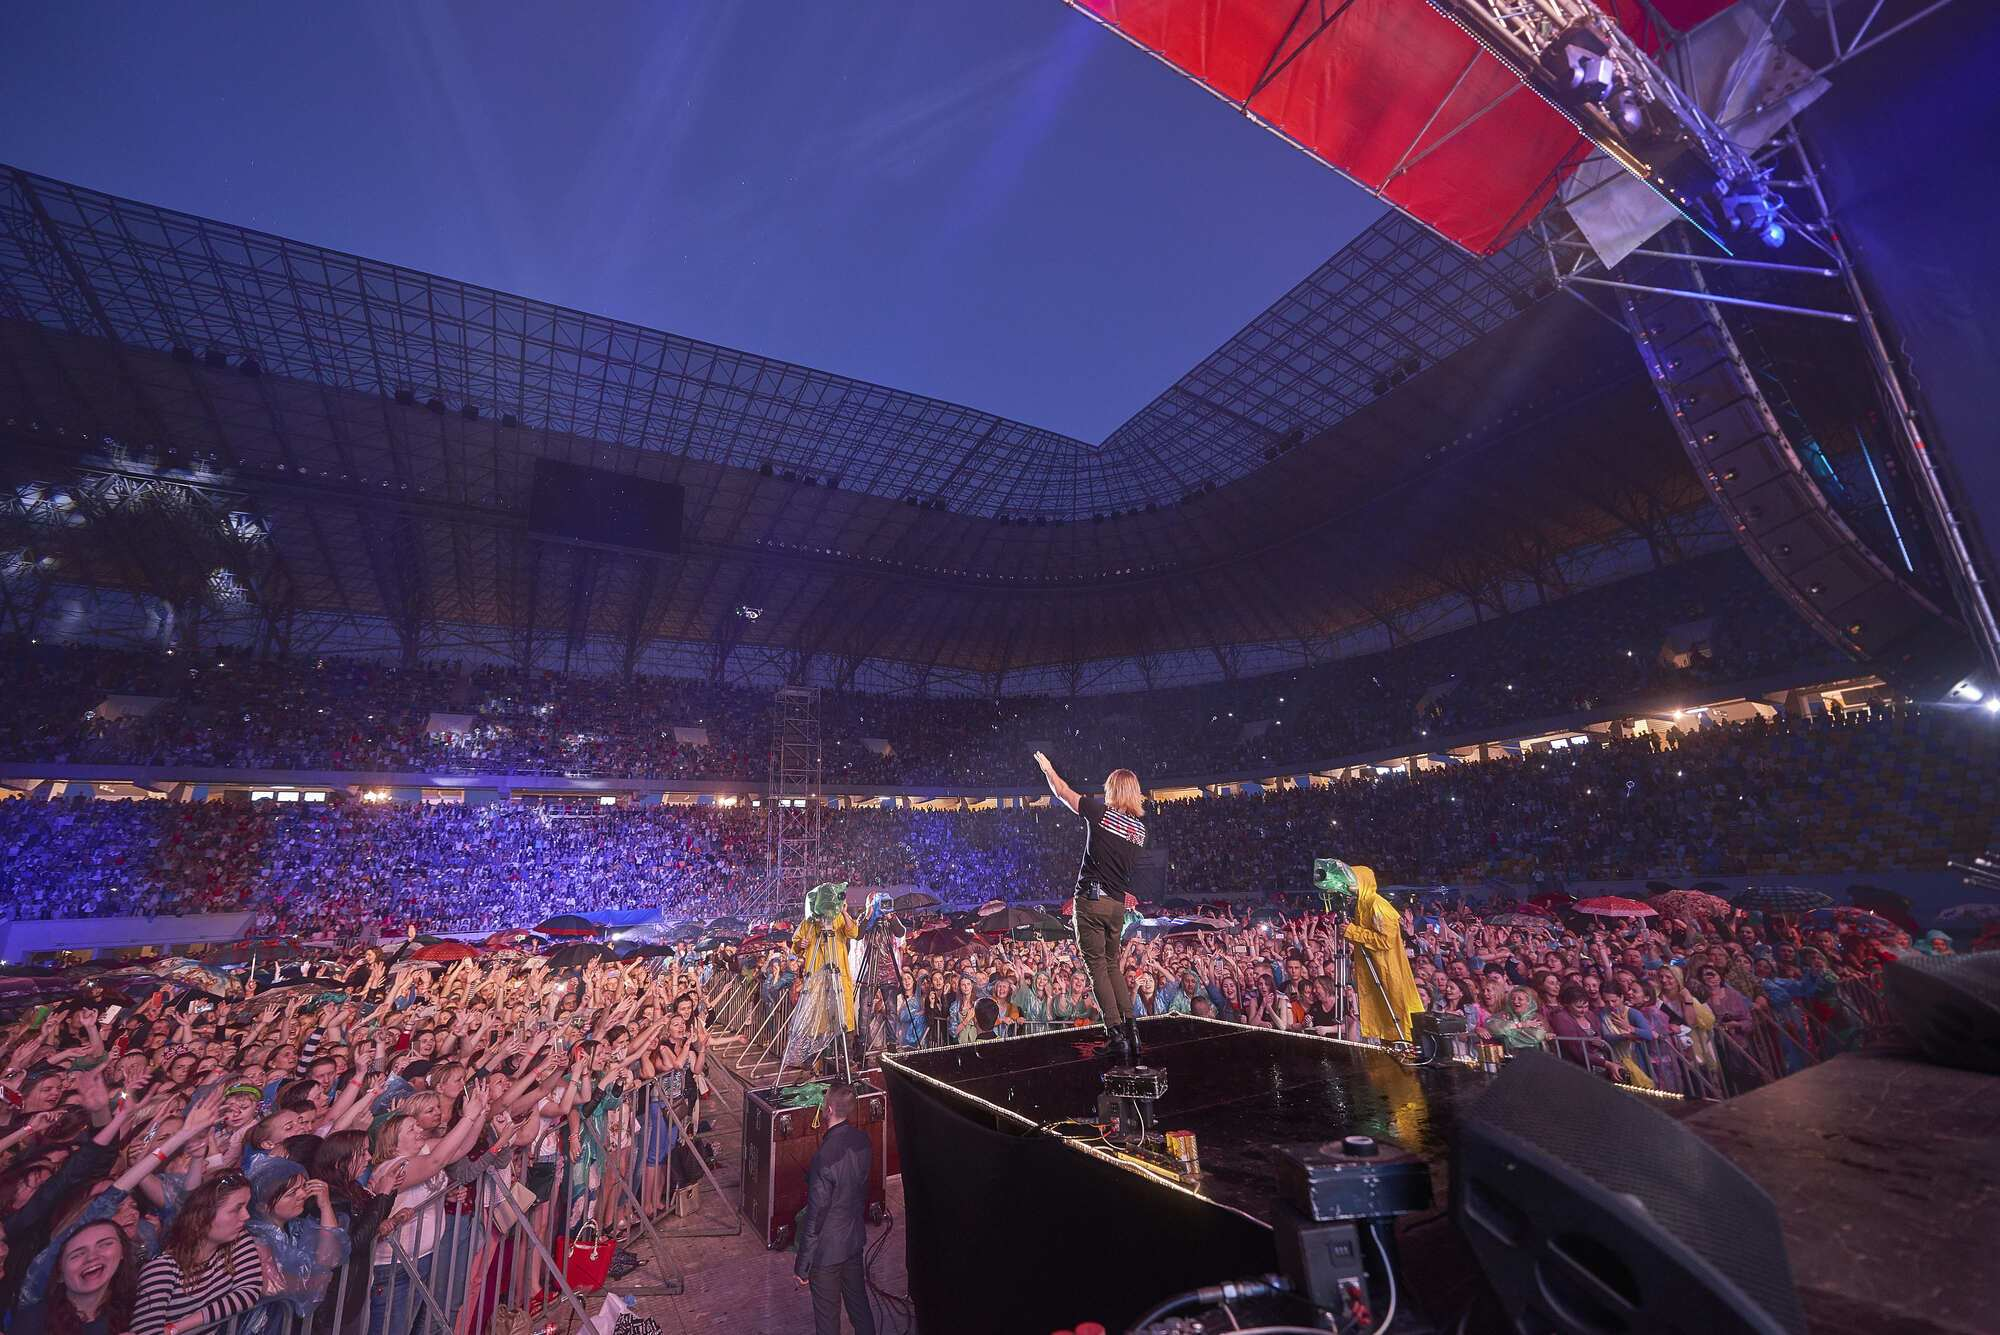 Секс на концертах и стадионах смотреть